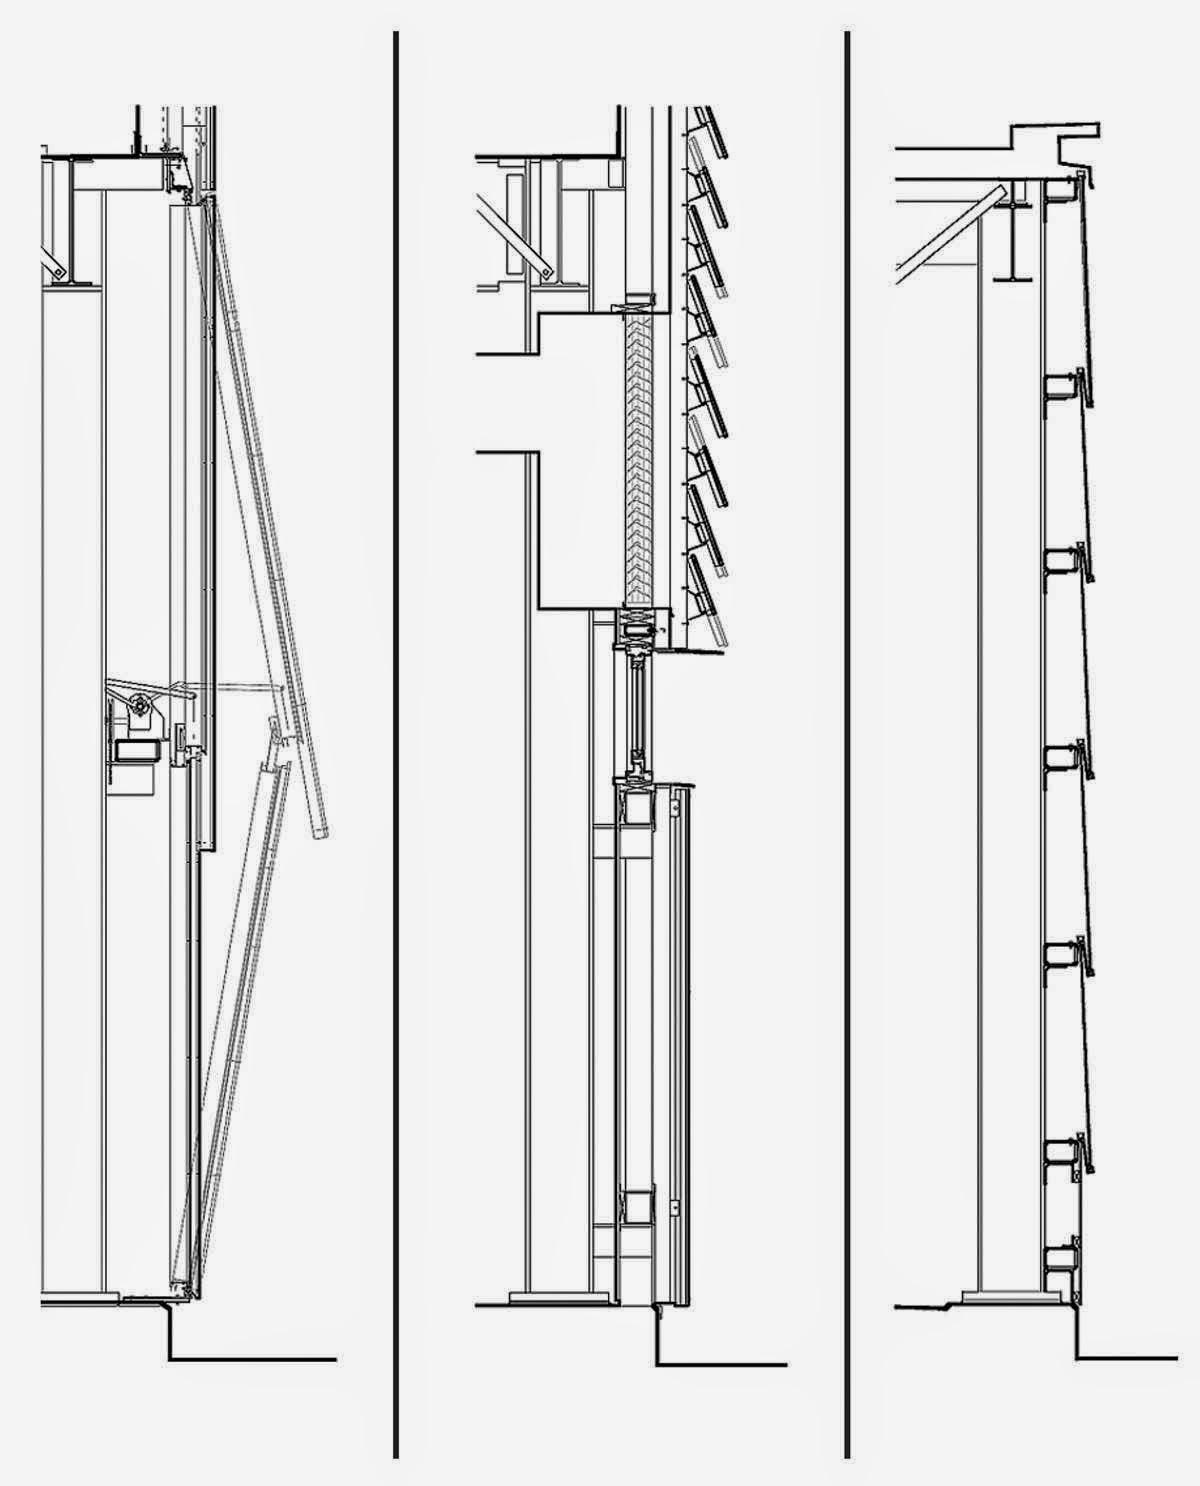 Dynamic Facade Facade Mechanics Information